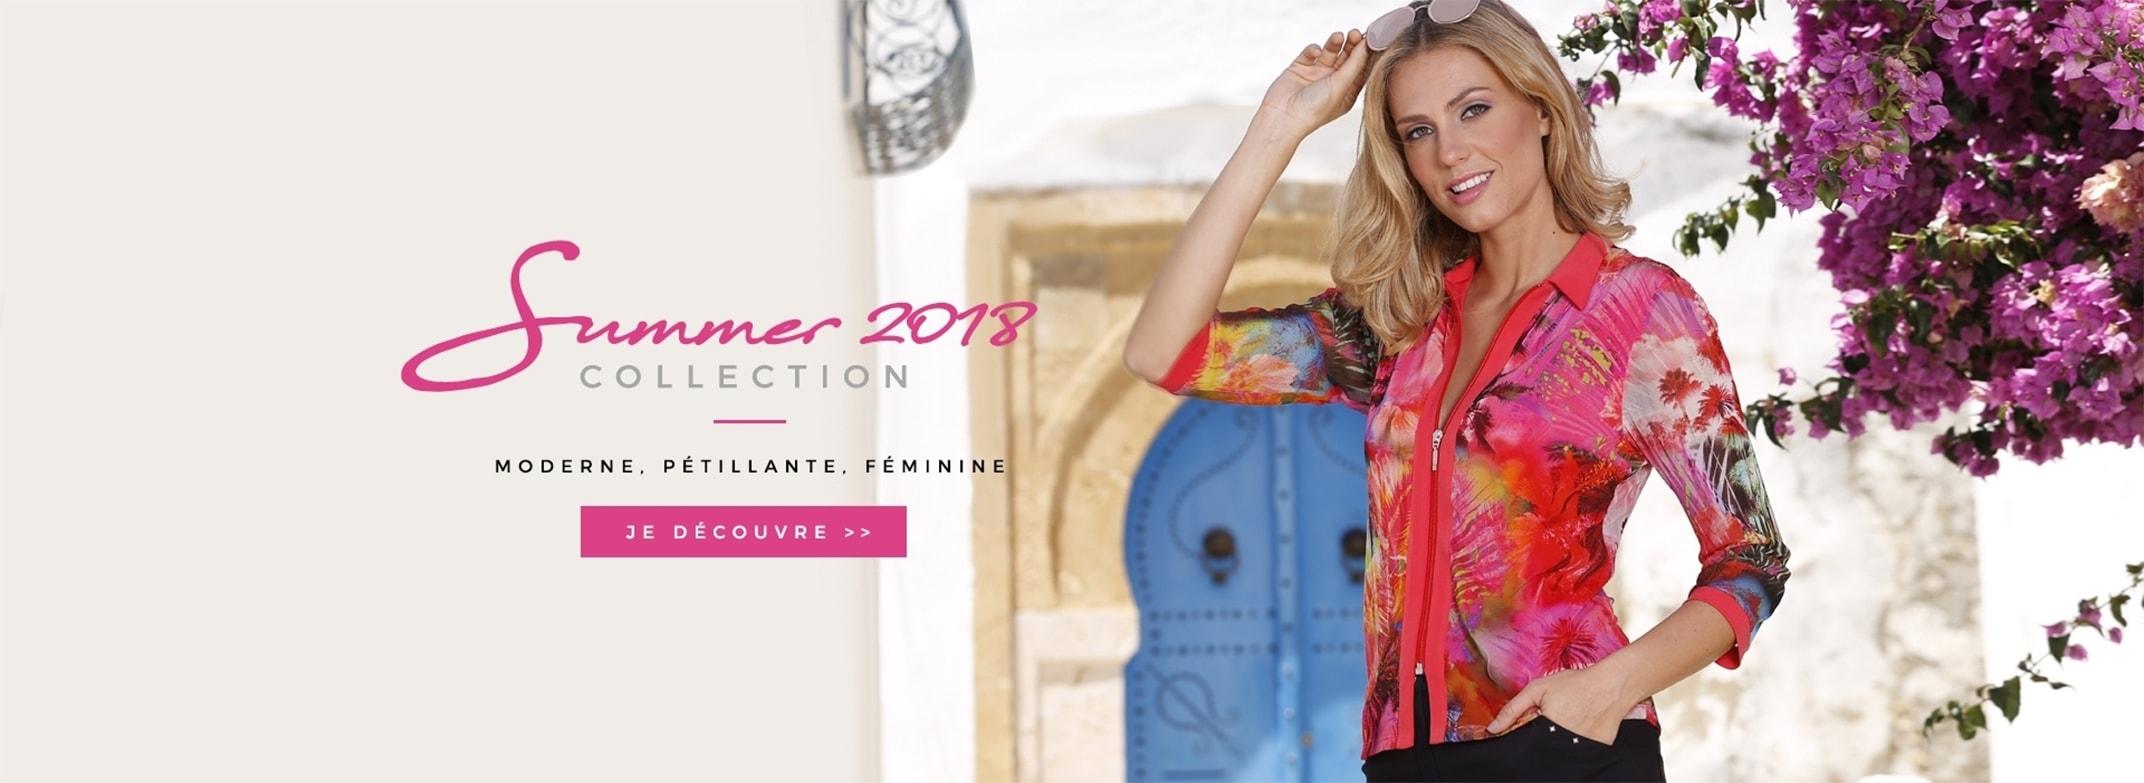 Collection vêtements femme été 2018